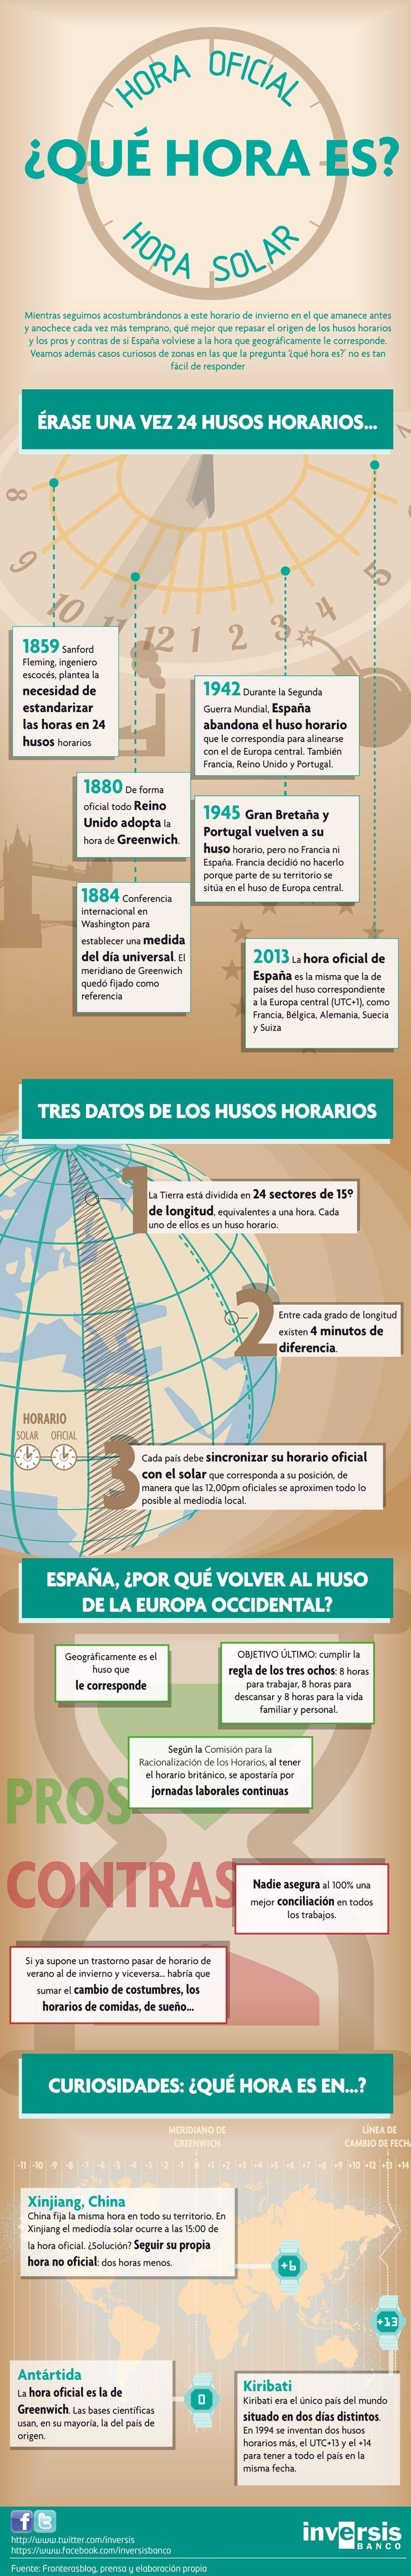 Infografía. ¿Qué hora es? Hora oficial vs hora solar